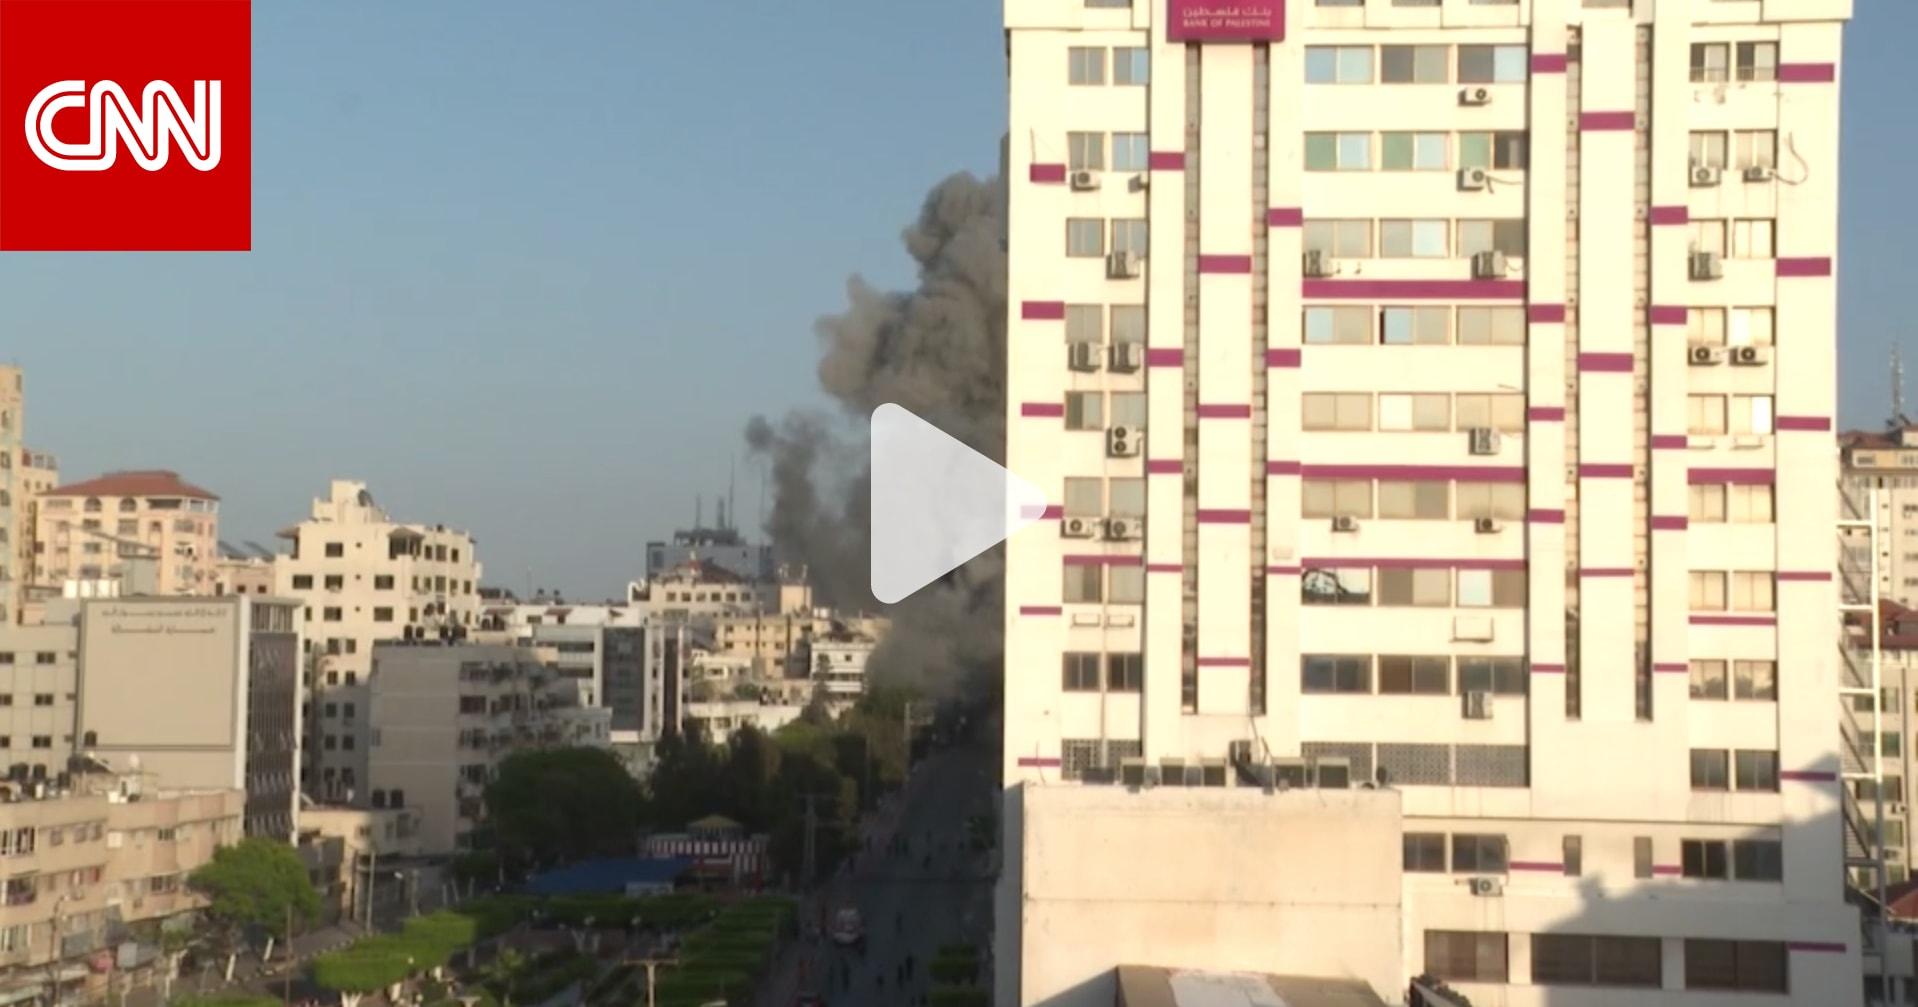 كاميرا CNN ترصد لحظة تدمير الجيش الإسرائيلي برج الشروق في غزة